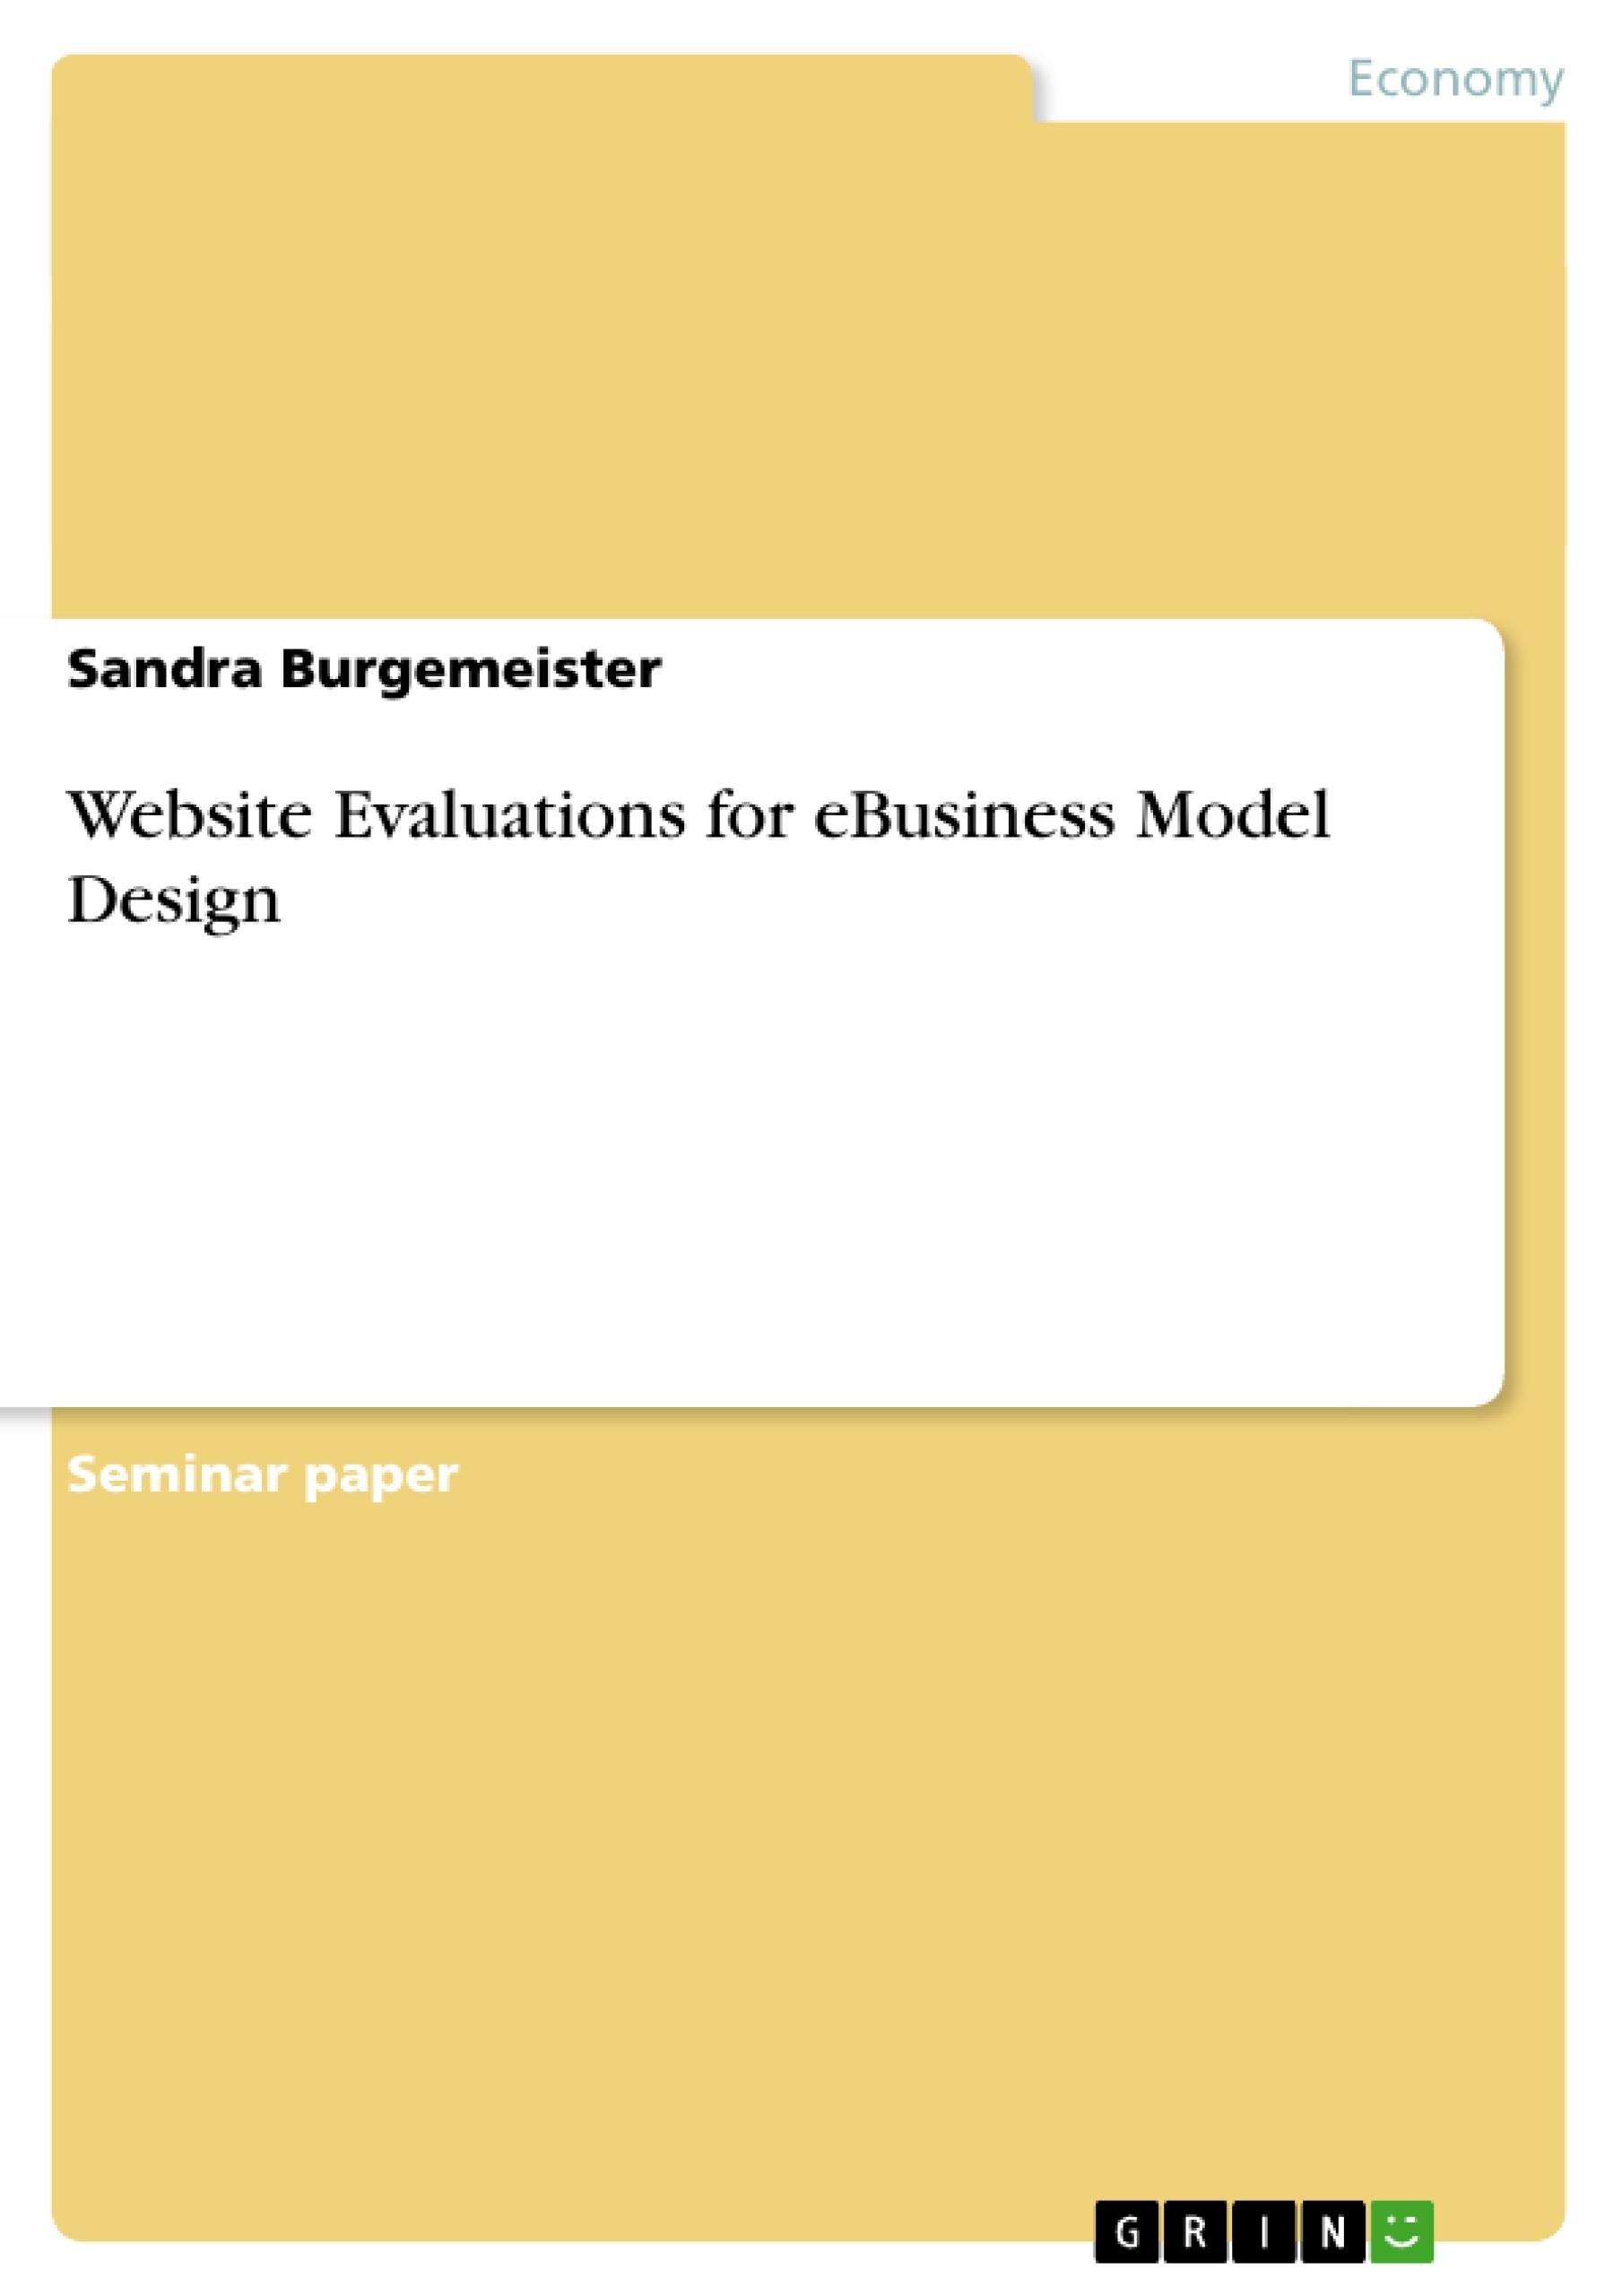 Title: Website Evaluations for eBusiness Model Design